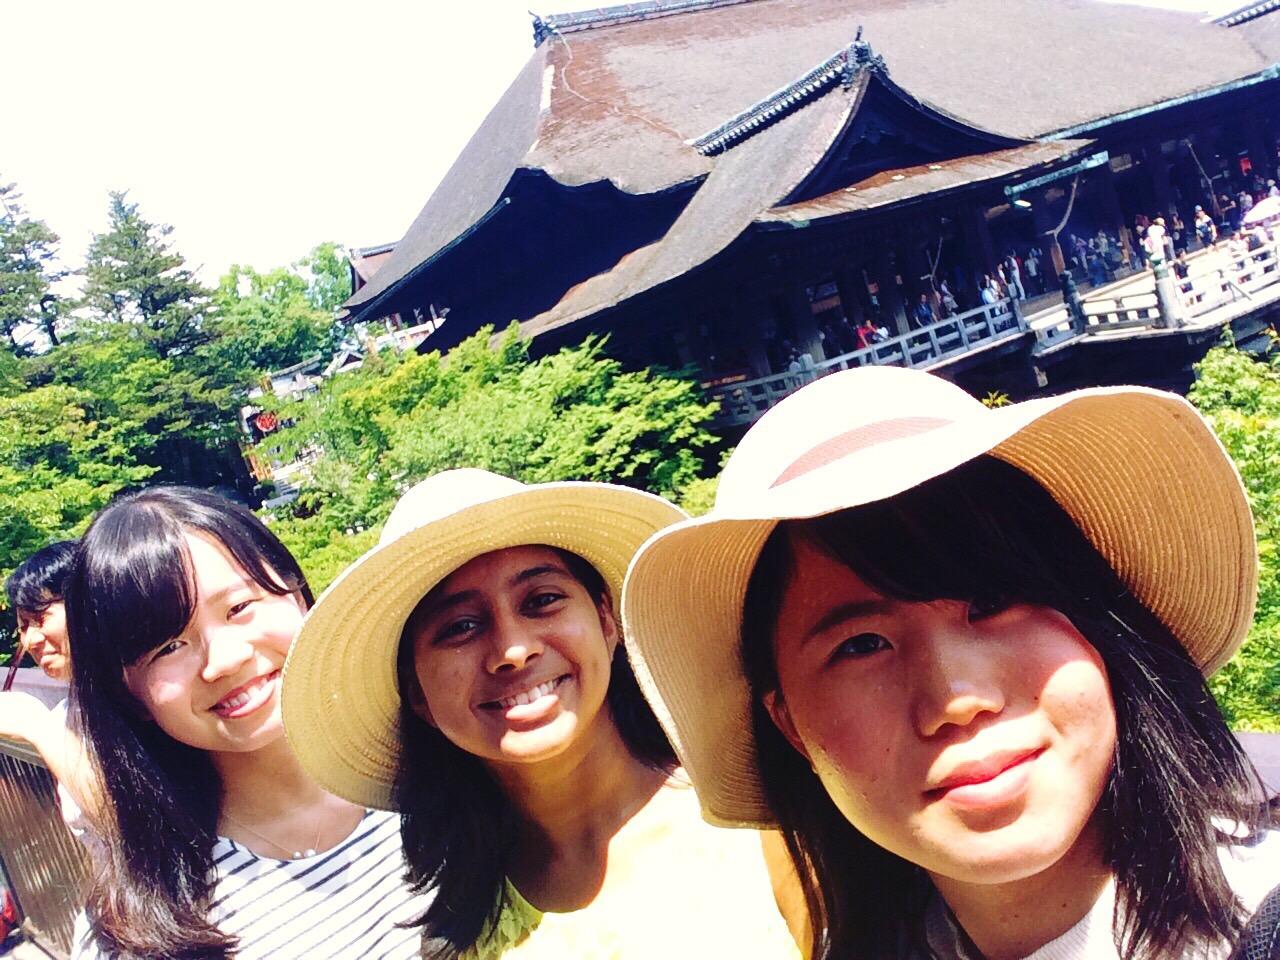 Ankita Devasia, Japan Summer 2016